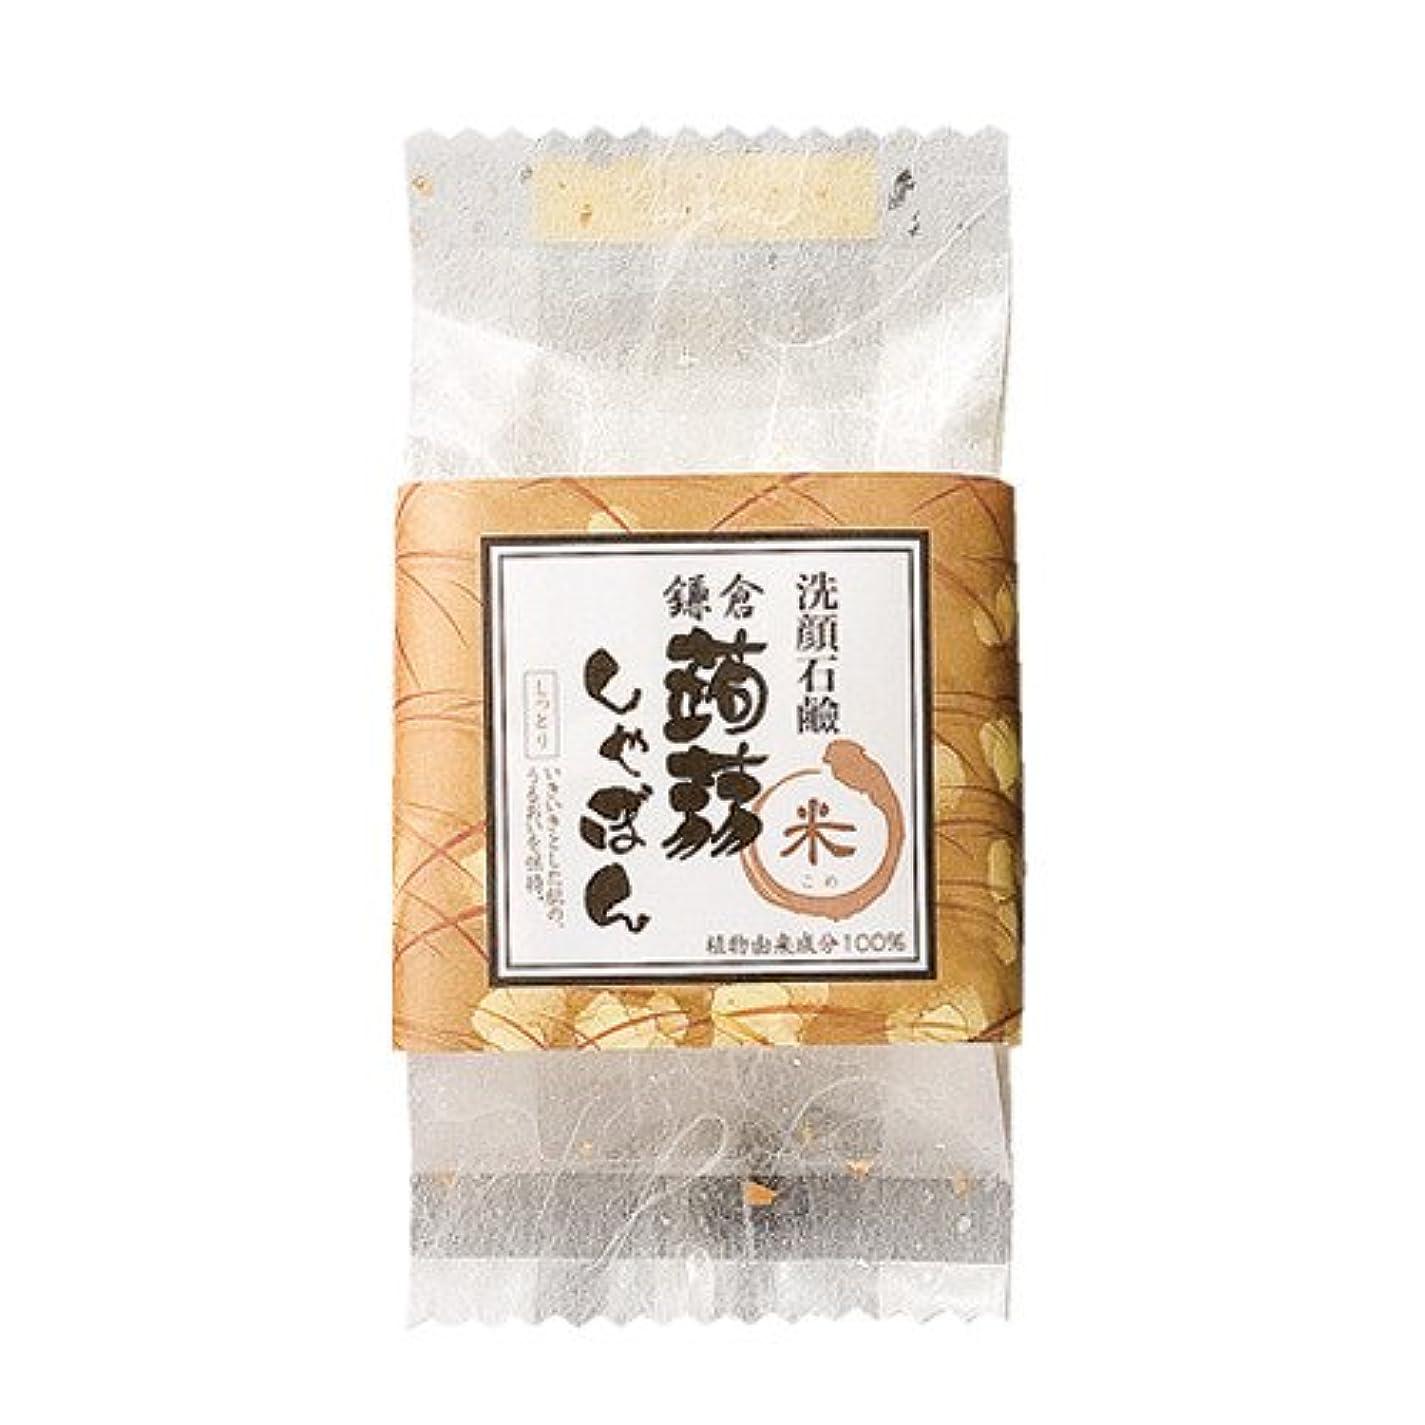 保持する努力耐えられない鎌倉 蒟蒻しゃぼん 米